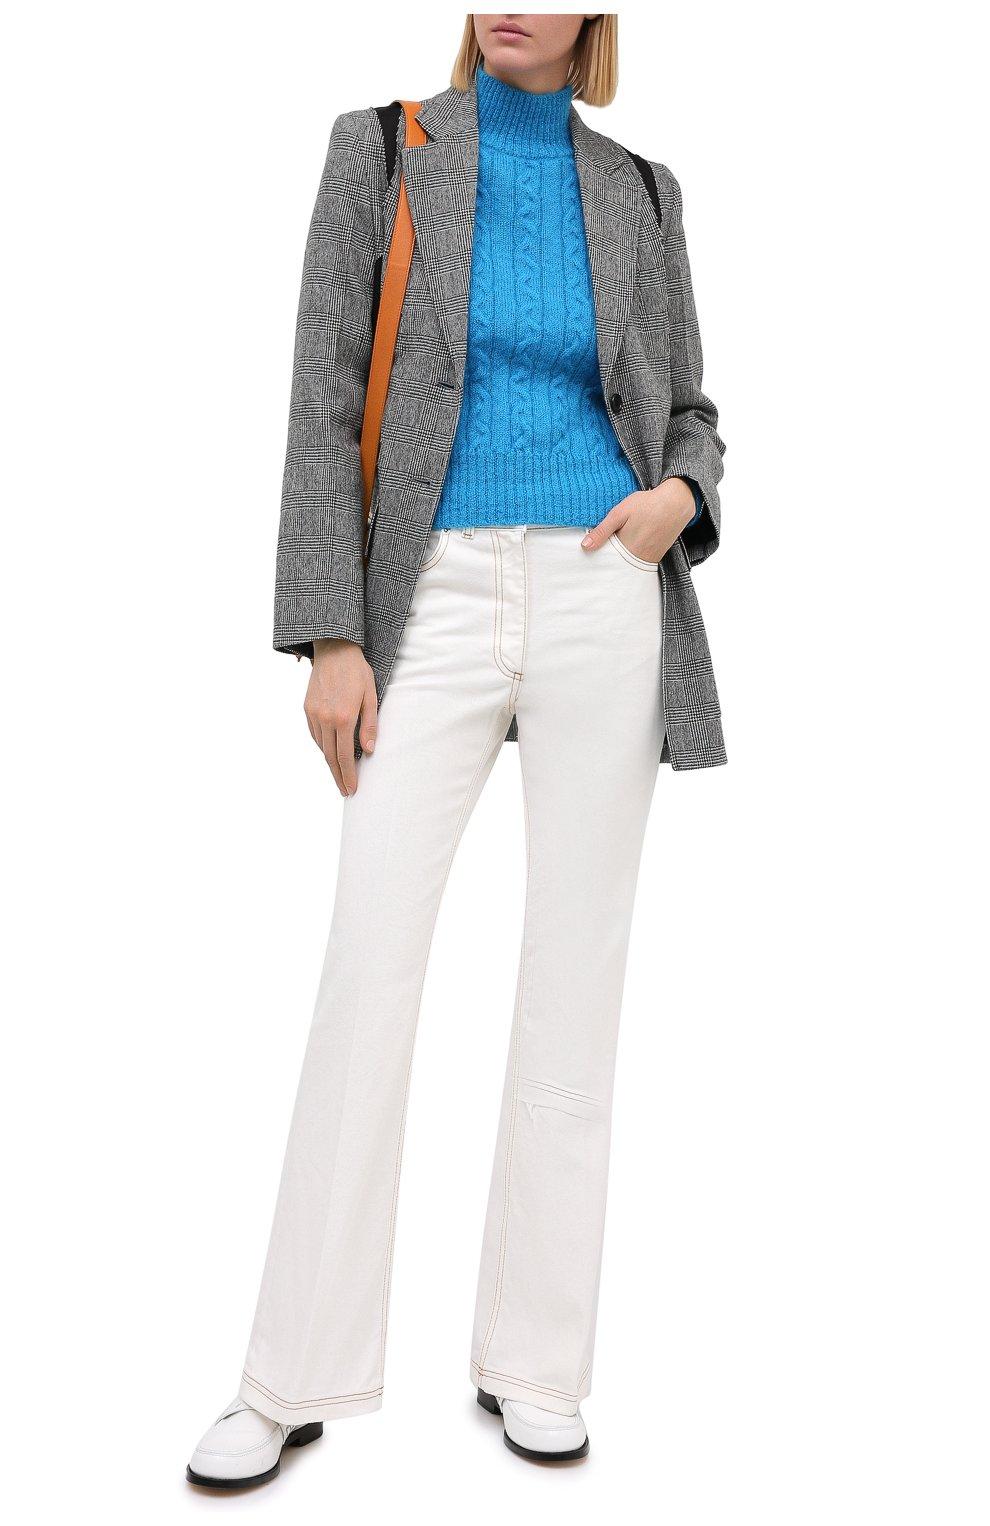 Женские джинсы JW ANDERSON белого цвета, арт. TR0105 PG0178   Фото 2 (Кросс-КТ: Деним; Длина (брюки, джинсы): Стандартные; Материал внешний: Хлопок; Стили: Классический)